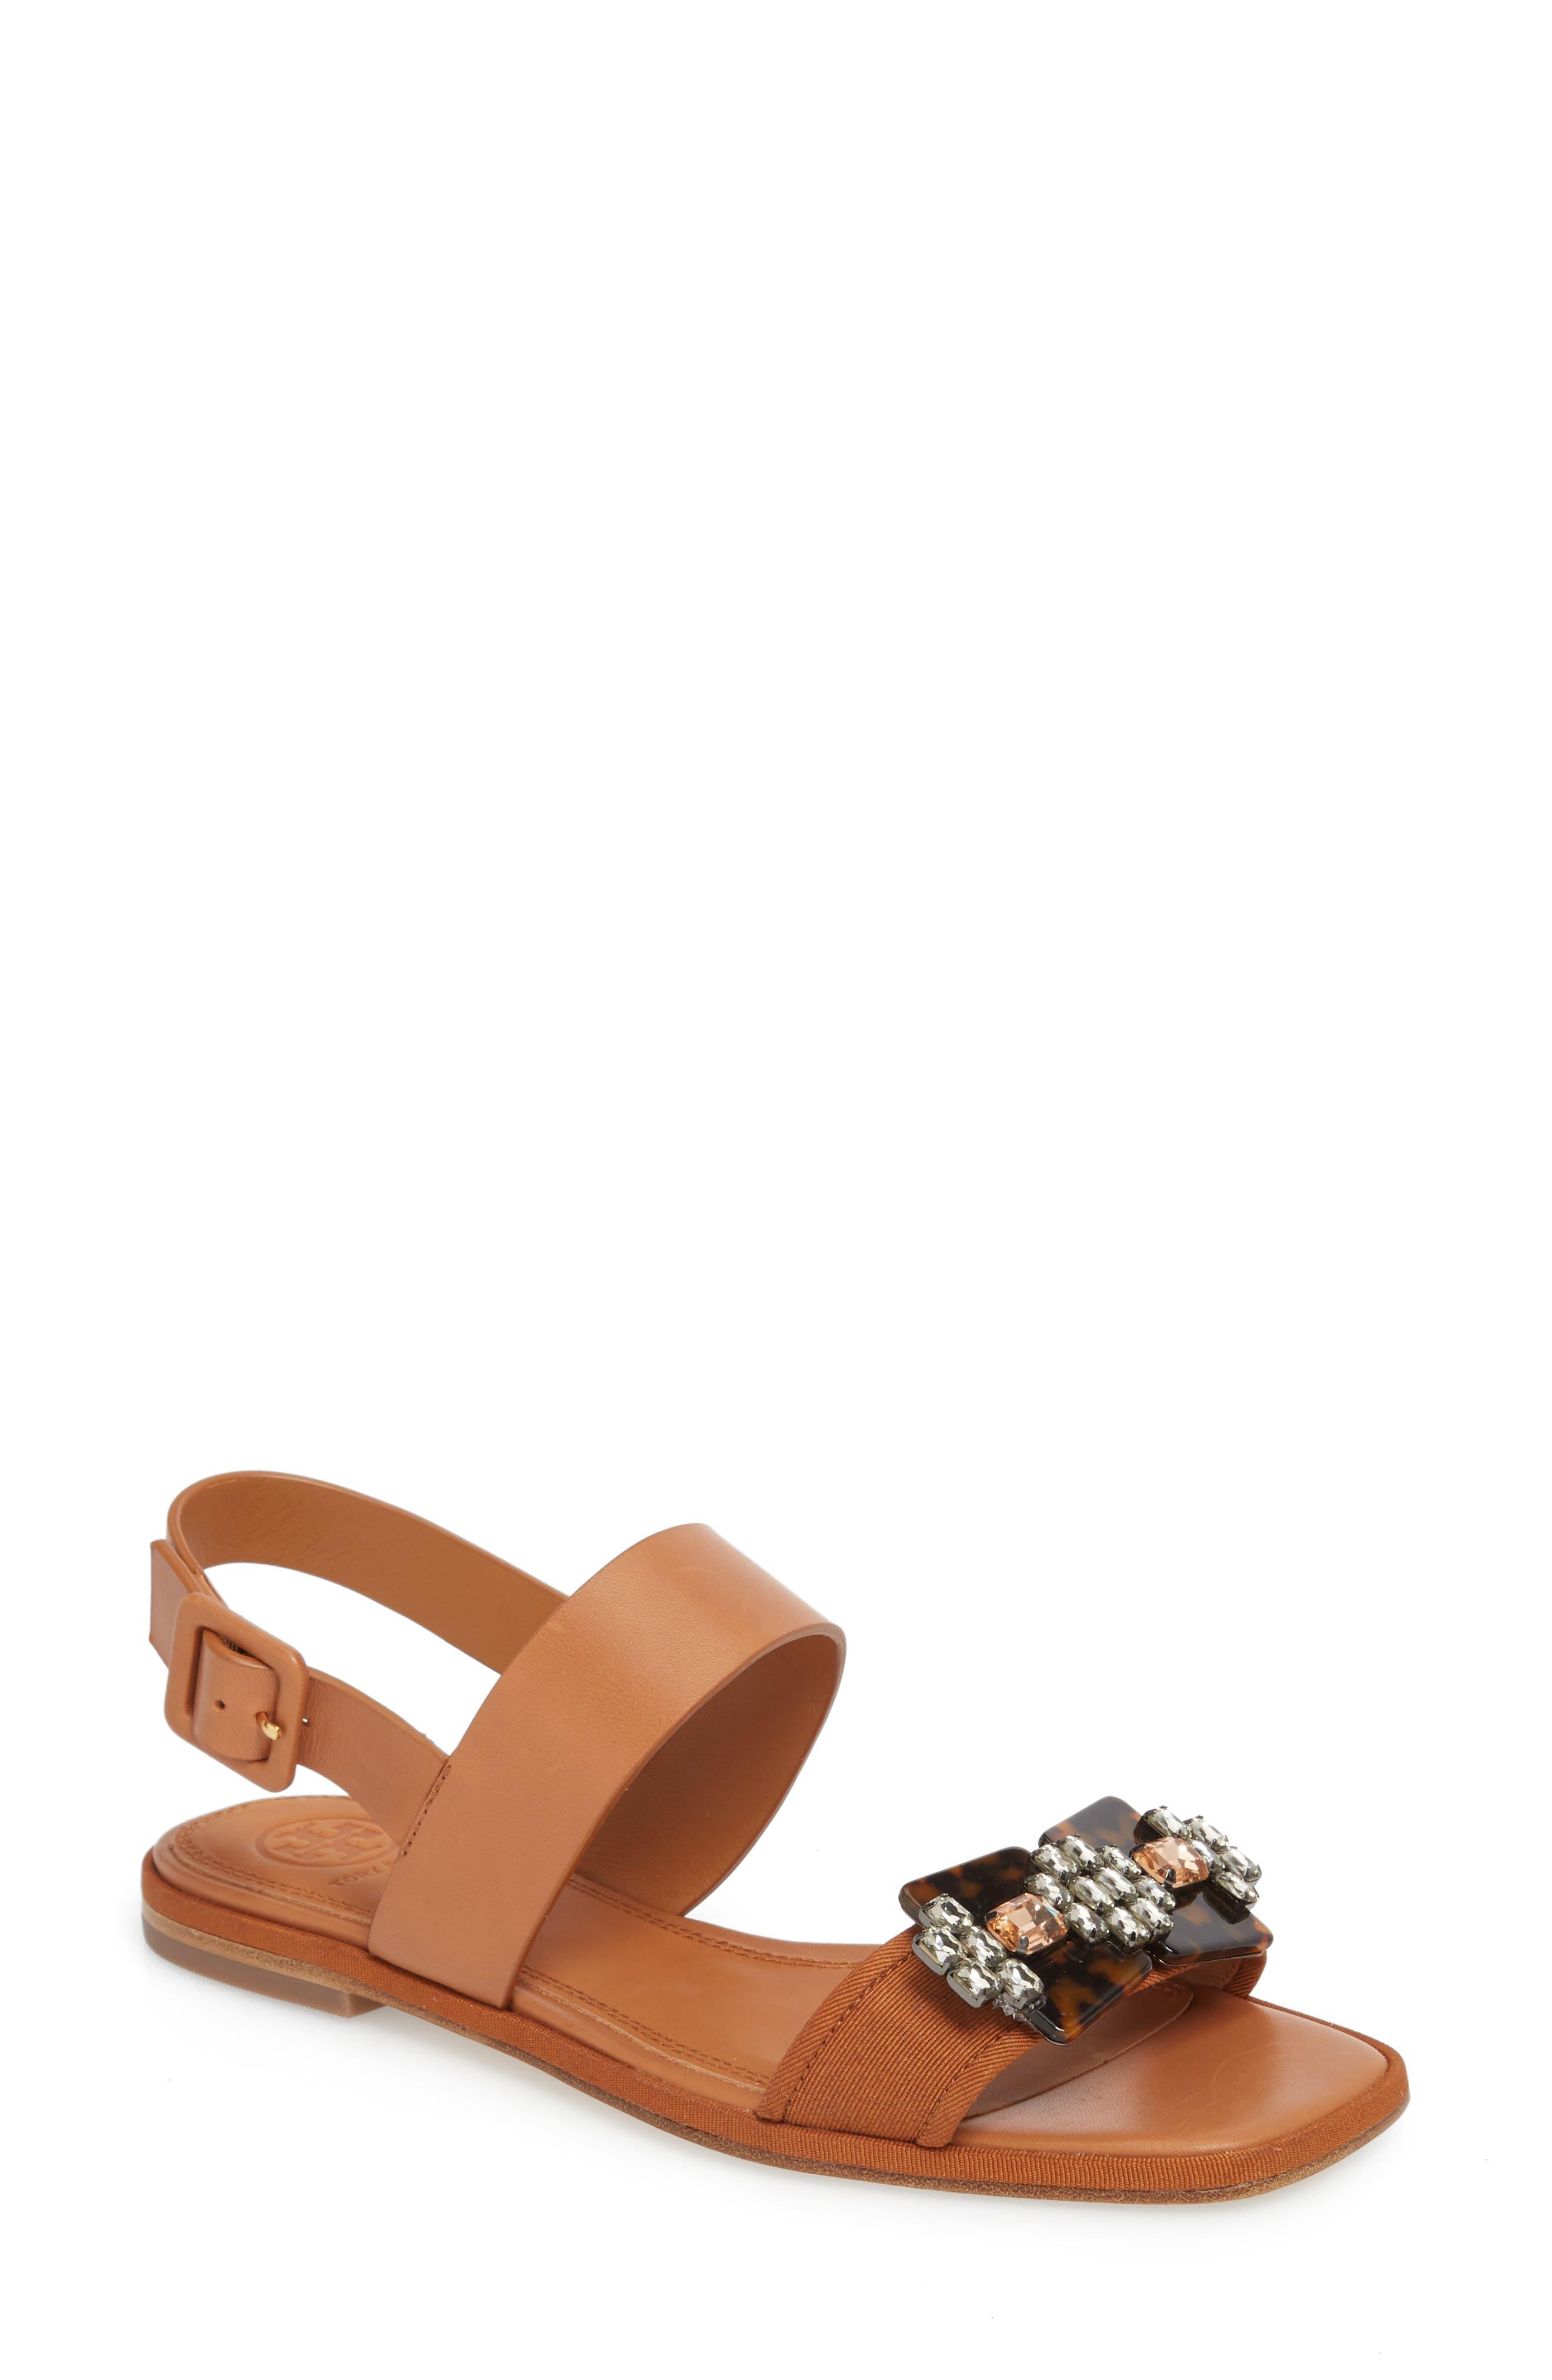 Delaney Embellished Double Strap Sandal,                             Main thumbnail 1, color,                             210